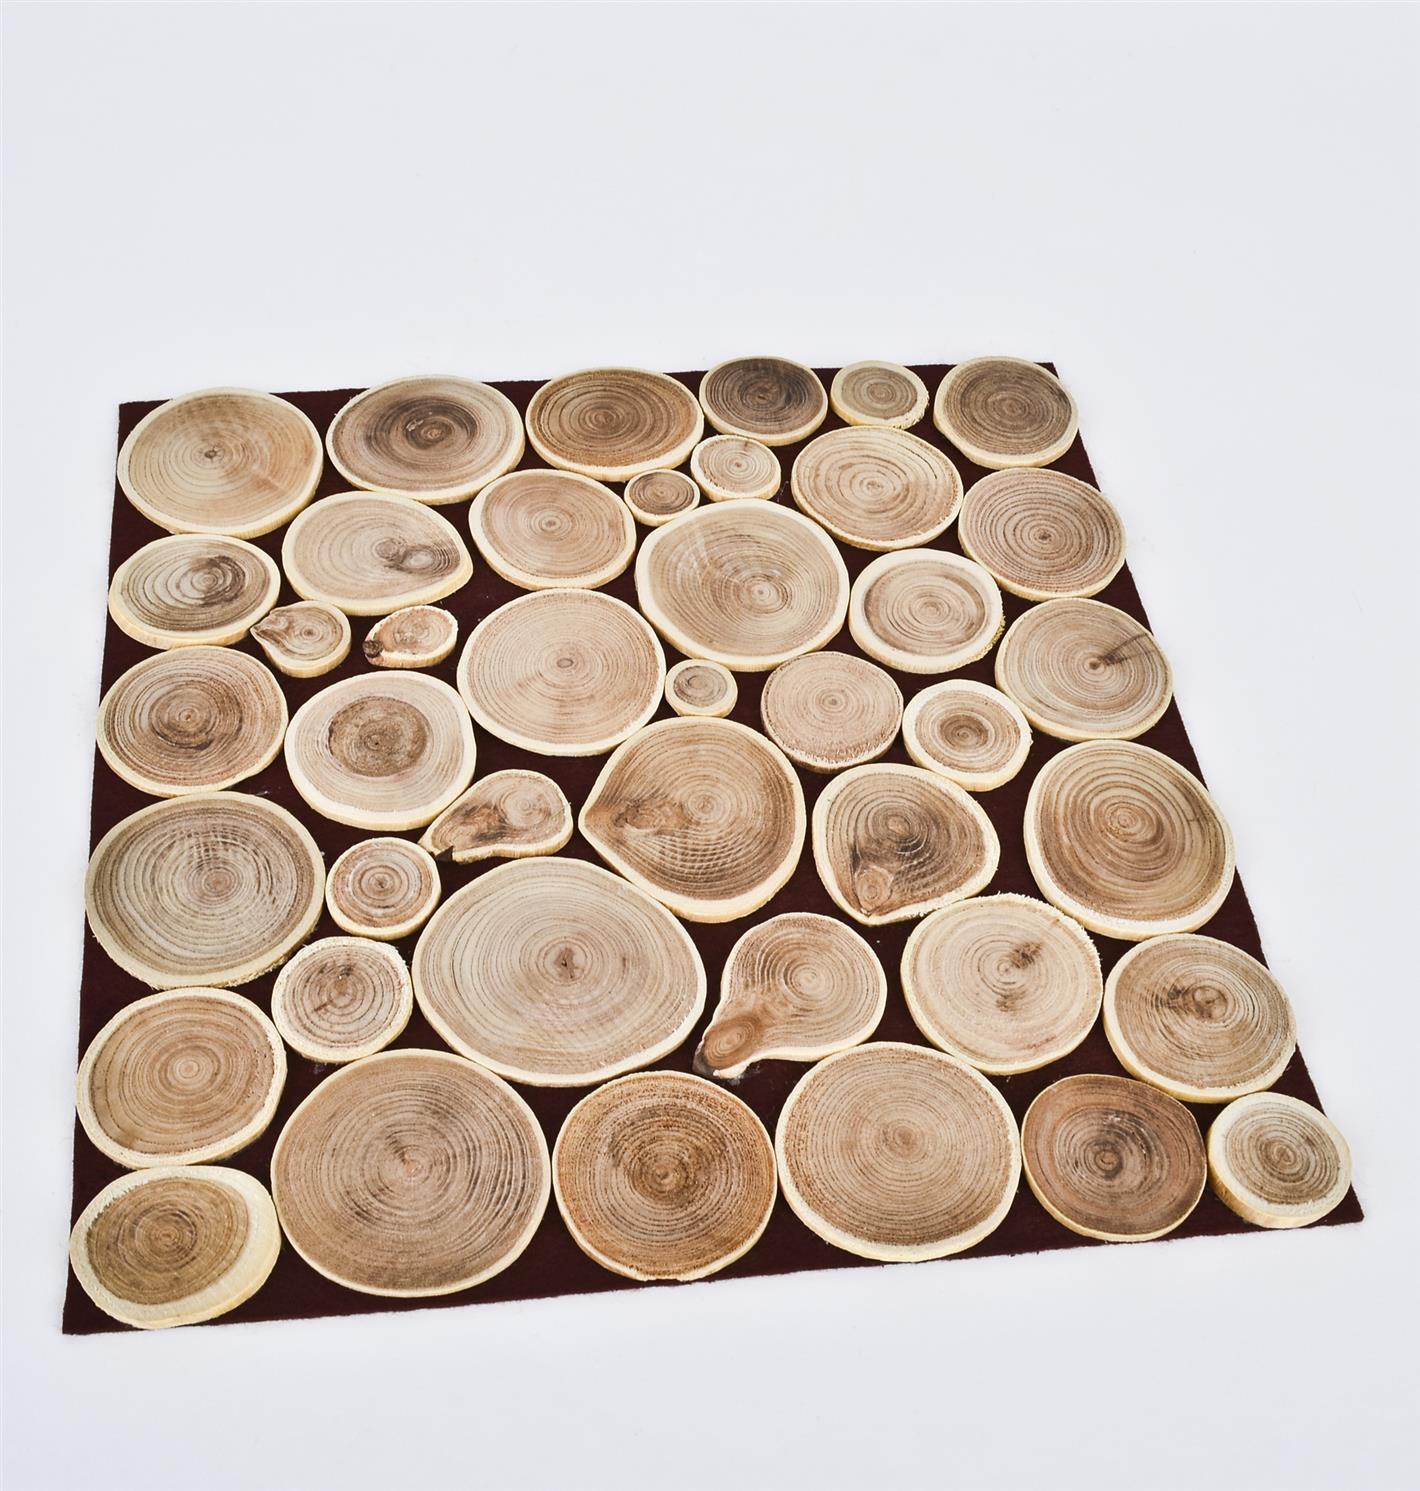 tisch set holzscheiben design platzset tischschutz tischdeko ebay. Black Bedroom Furniture Sets. Home Design Ideas